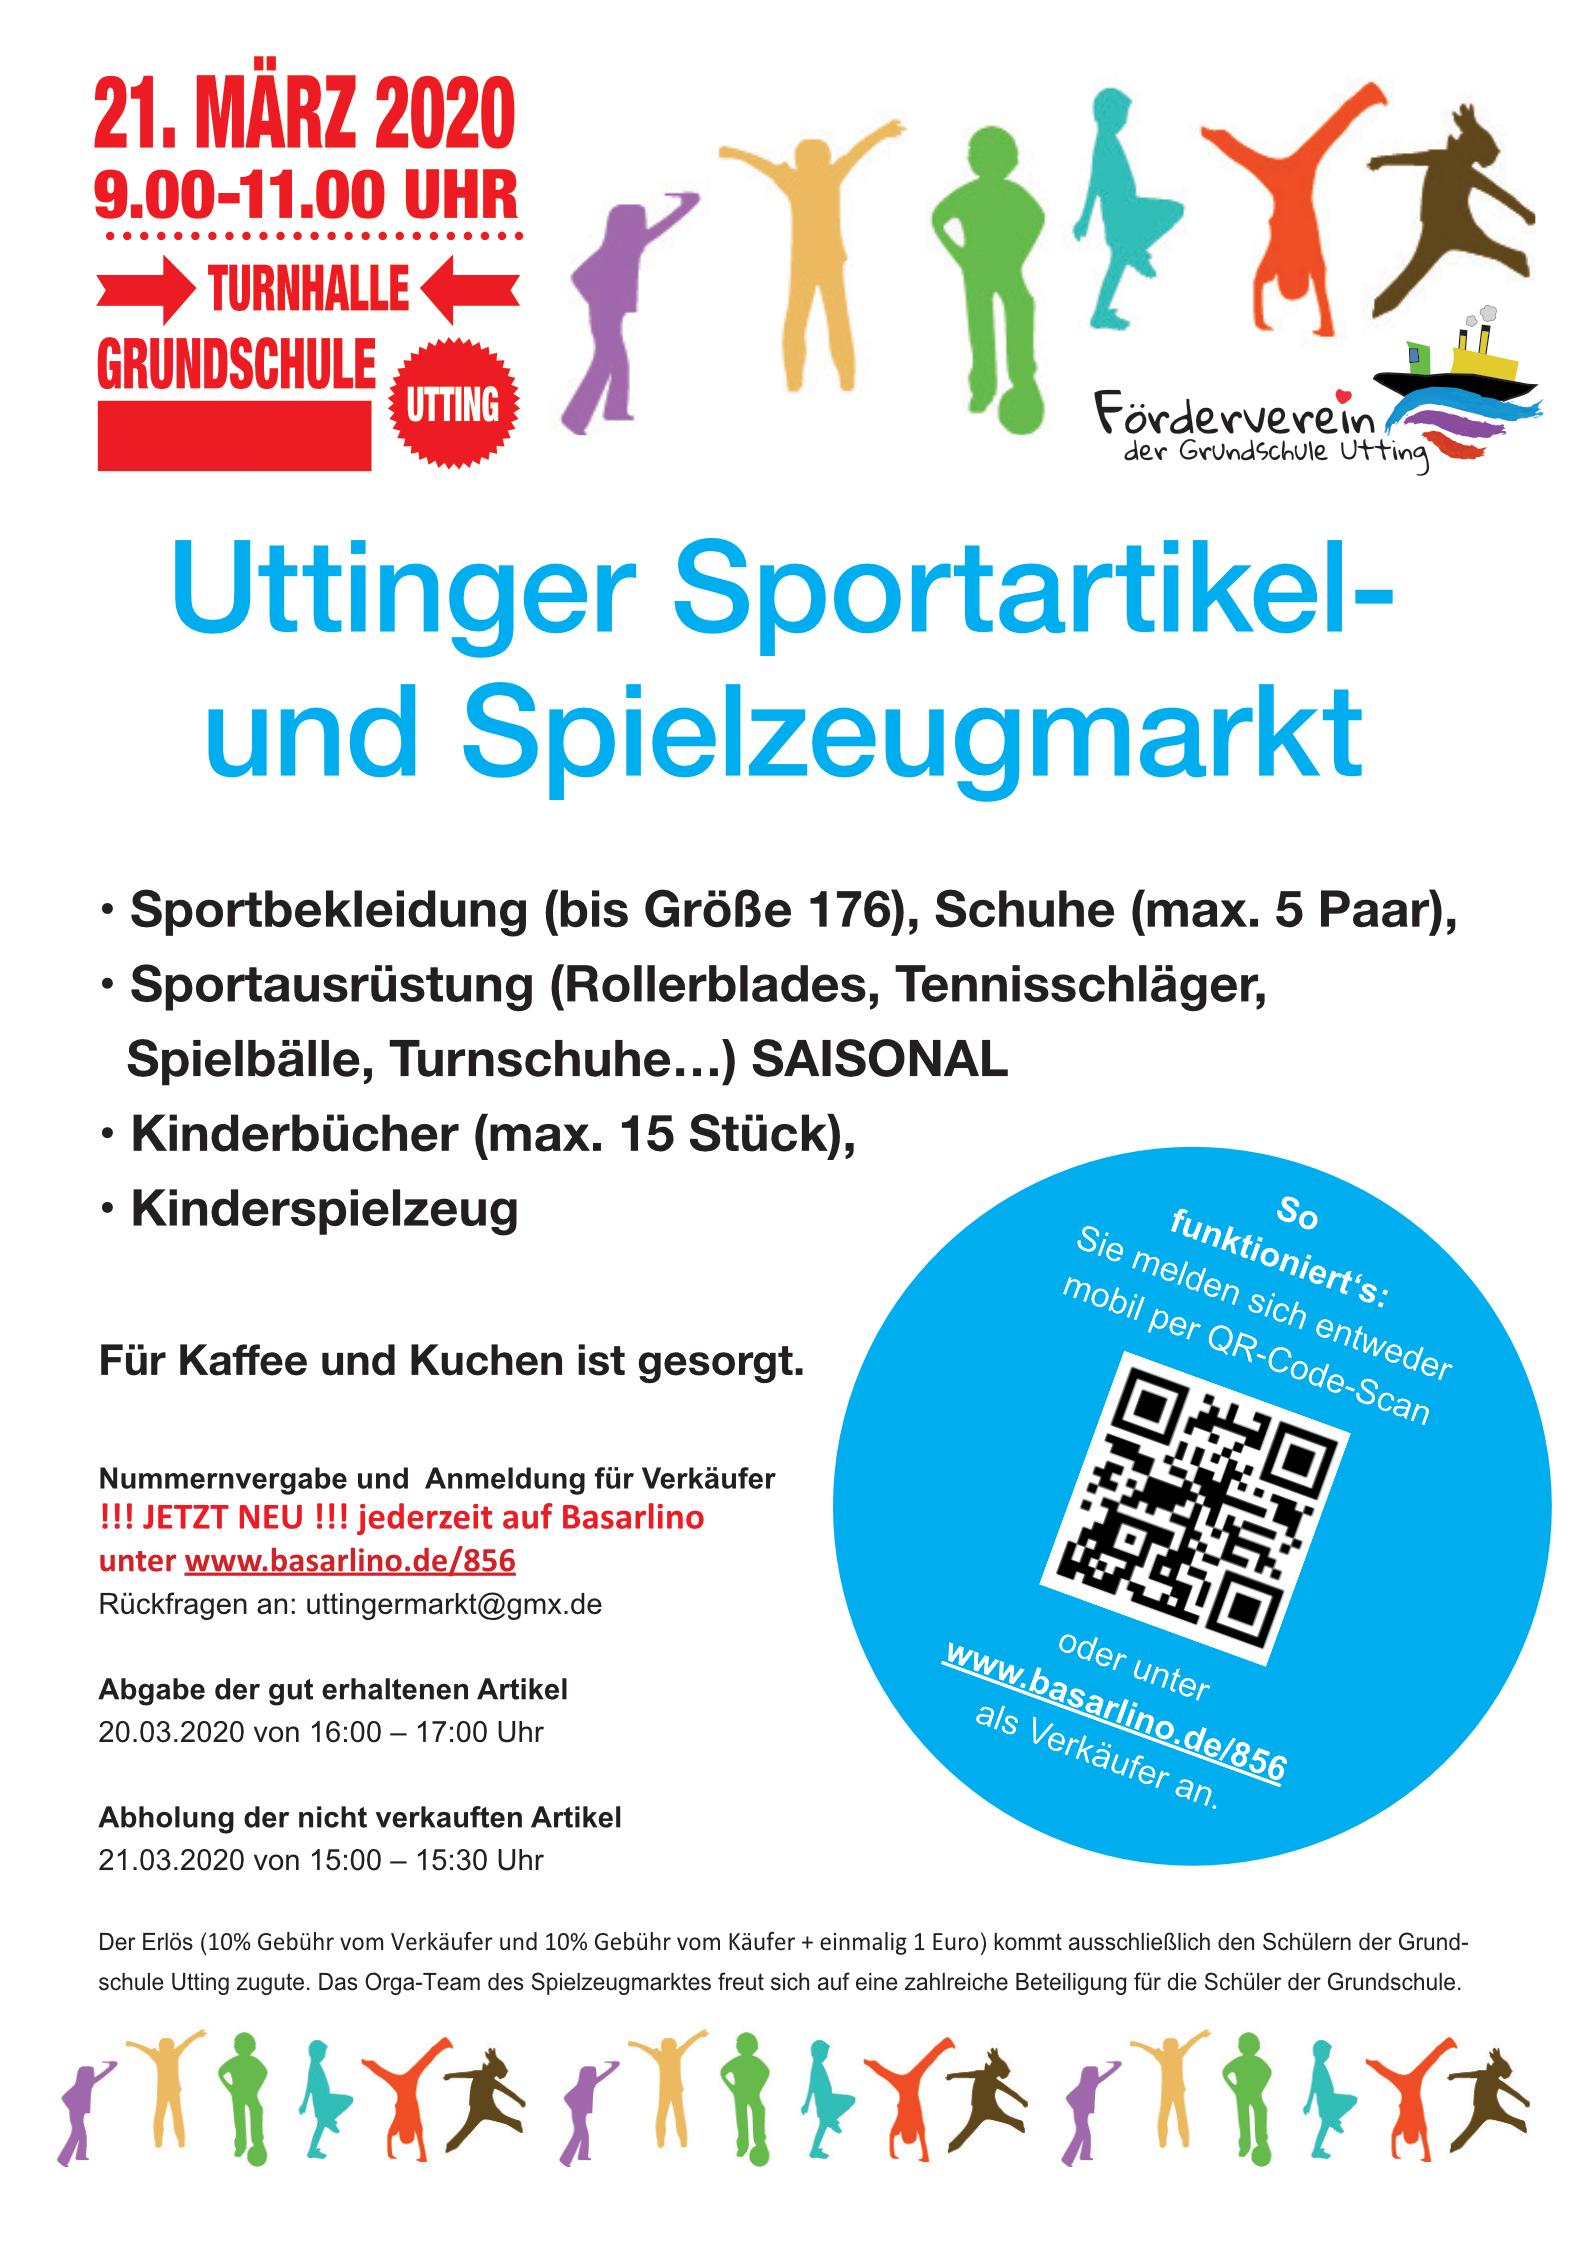 ABGESAGT: Uttinger Sportartikel  und Spielzeugmarkt am 21.03.2020